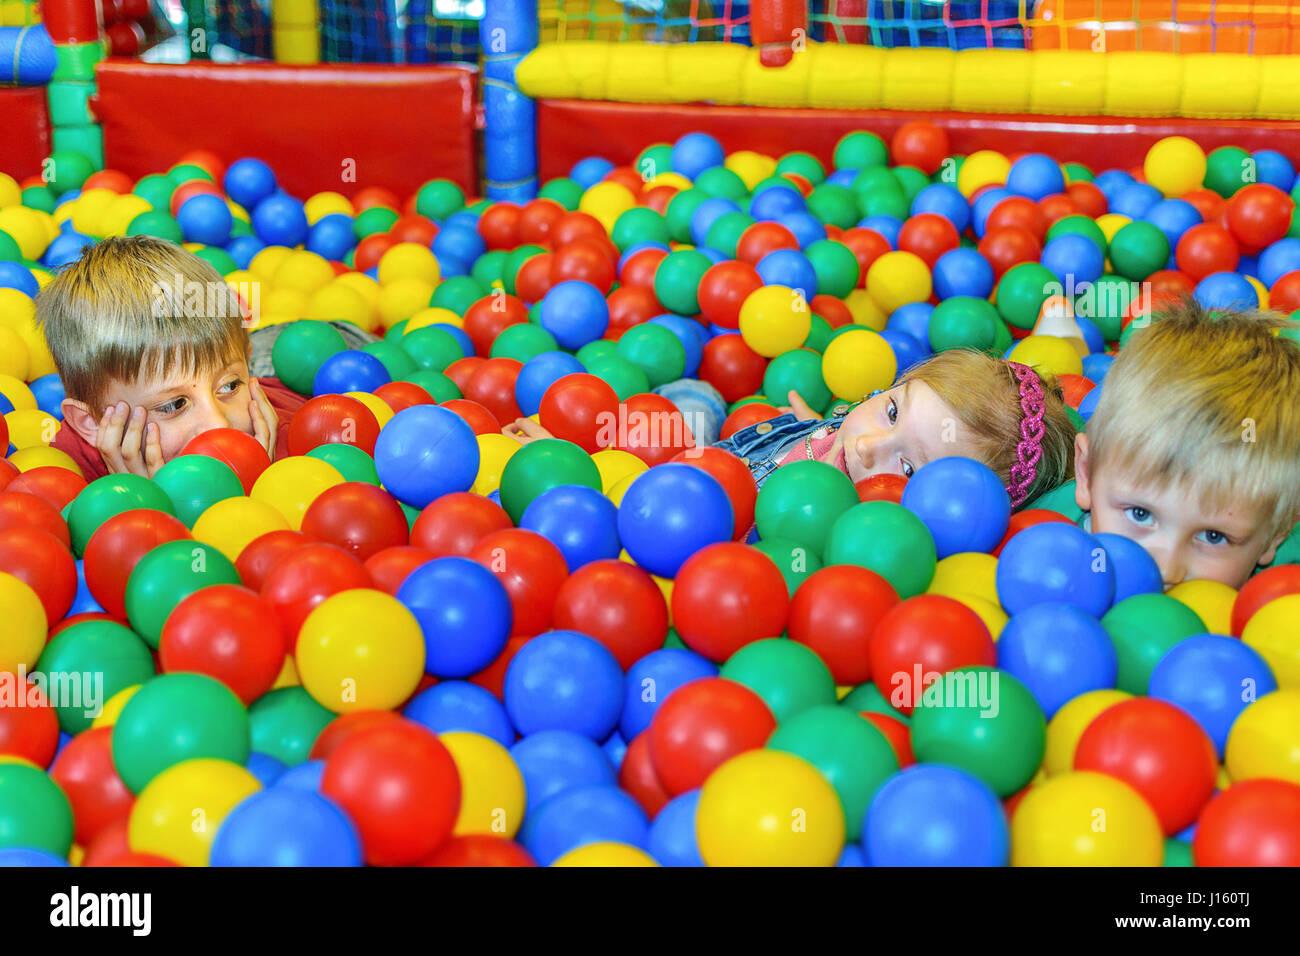 Enfants jouant dans une piscine à balles à la fête. Photo Stock